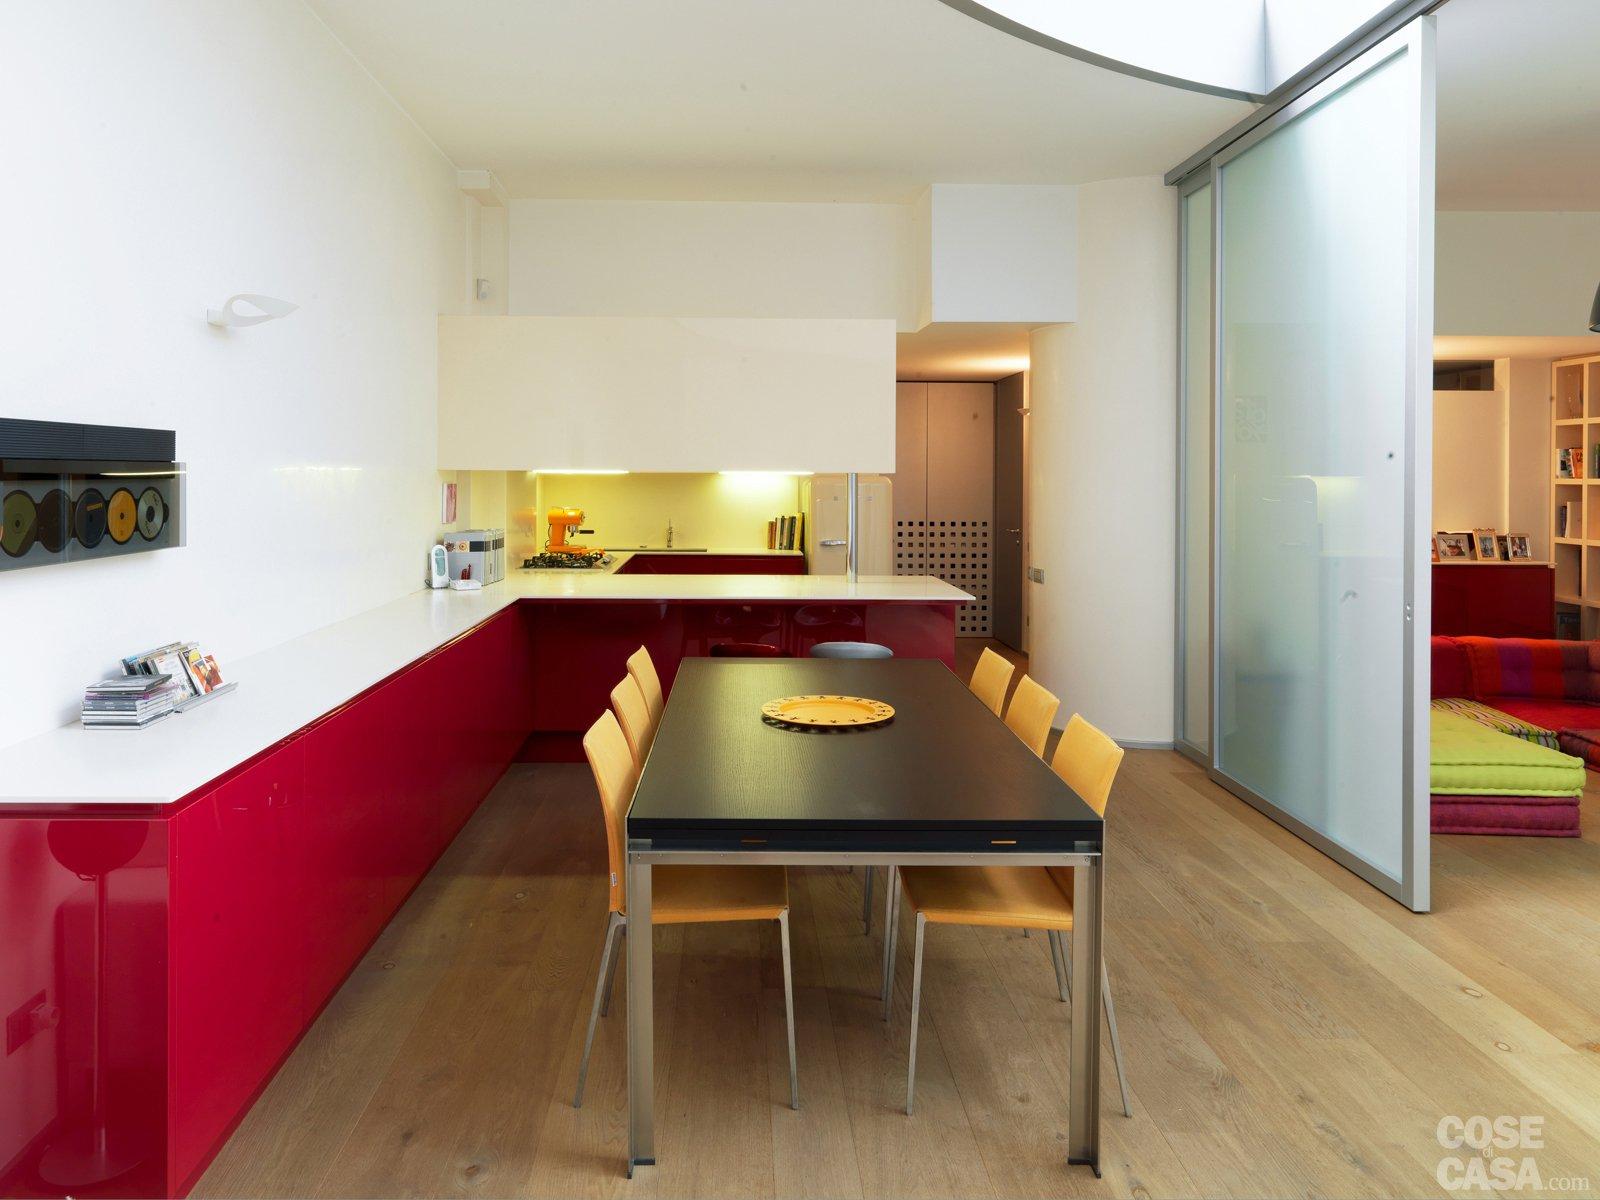 Una casa su due piani da un ex garage cose di casa for Piani di casa con grandi cucine